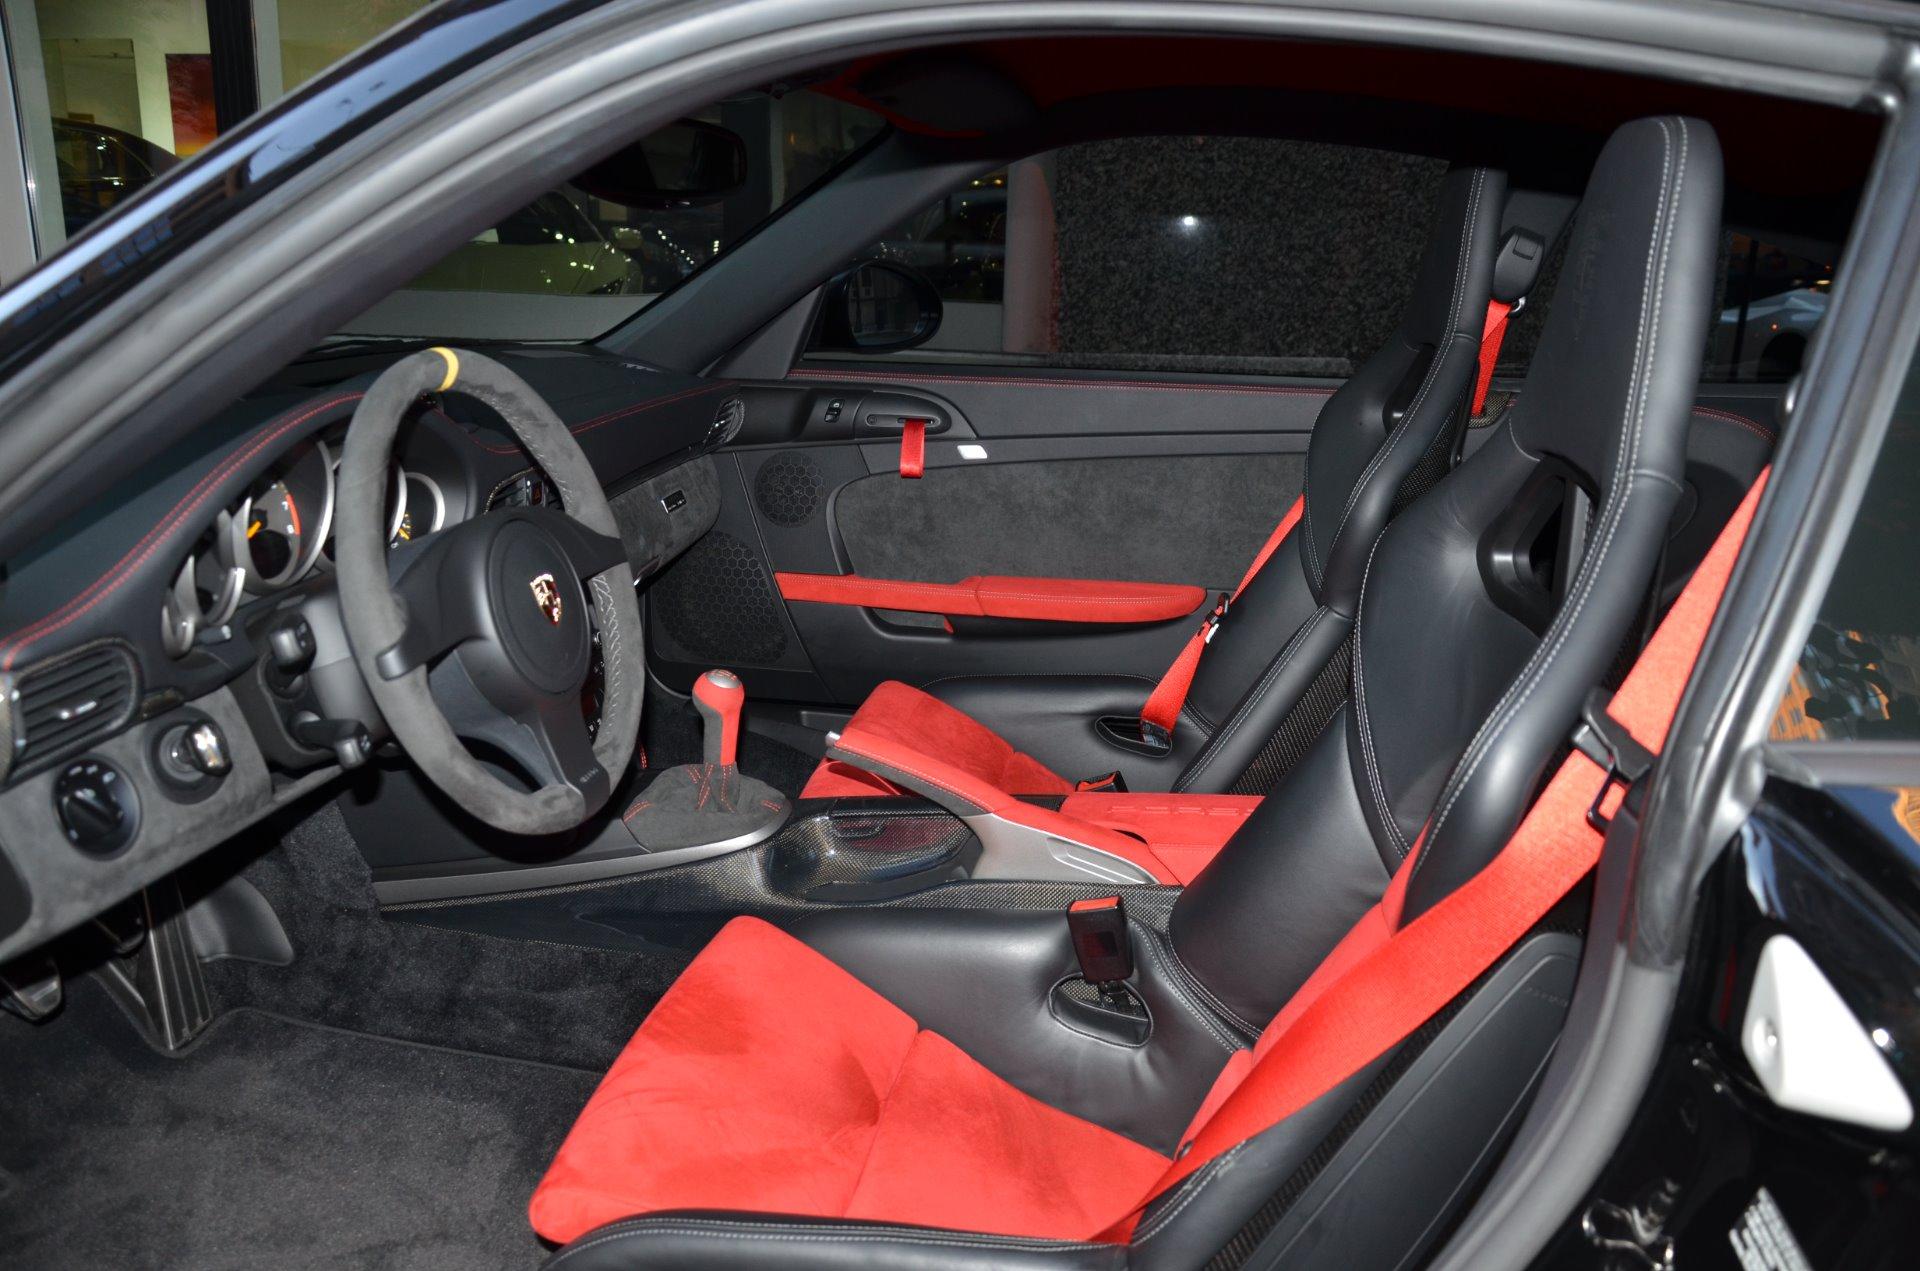 4162_p9_l Wonderful Porsche 911 Gt2 Wheel for Sale Cars Trend